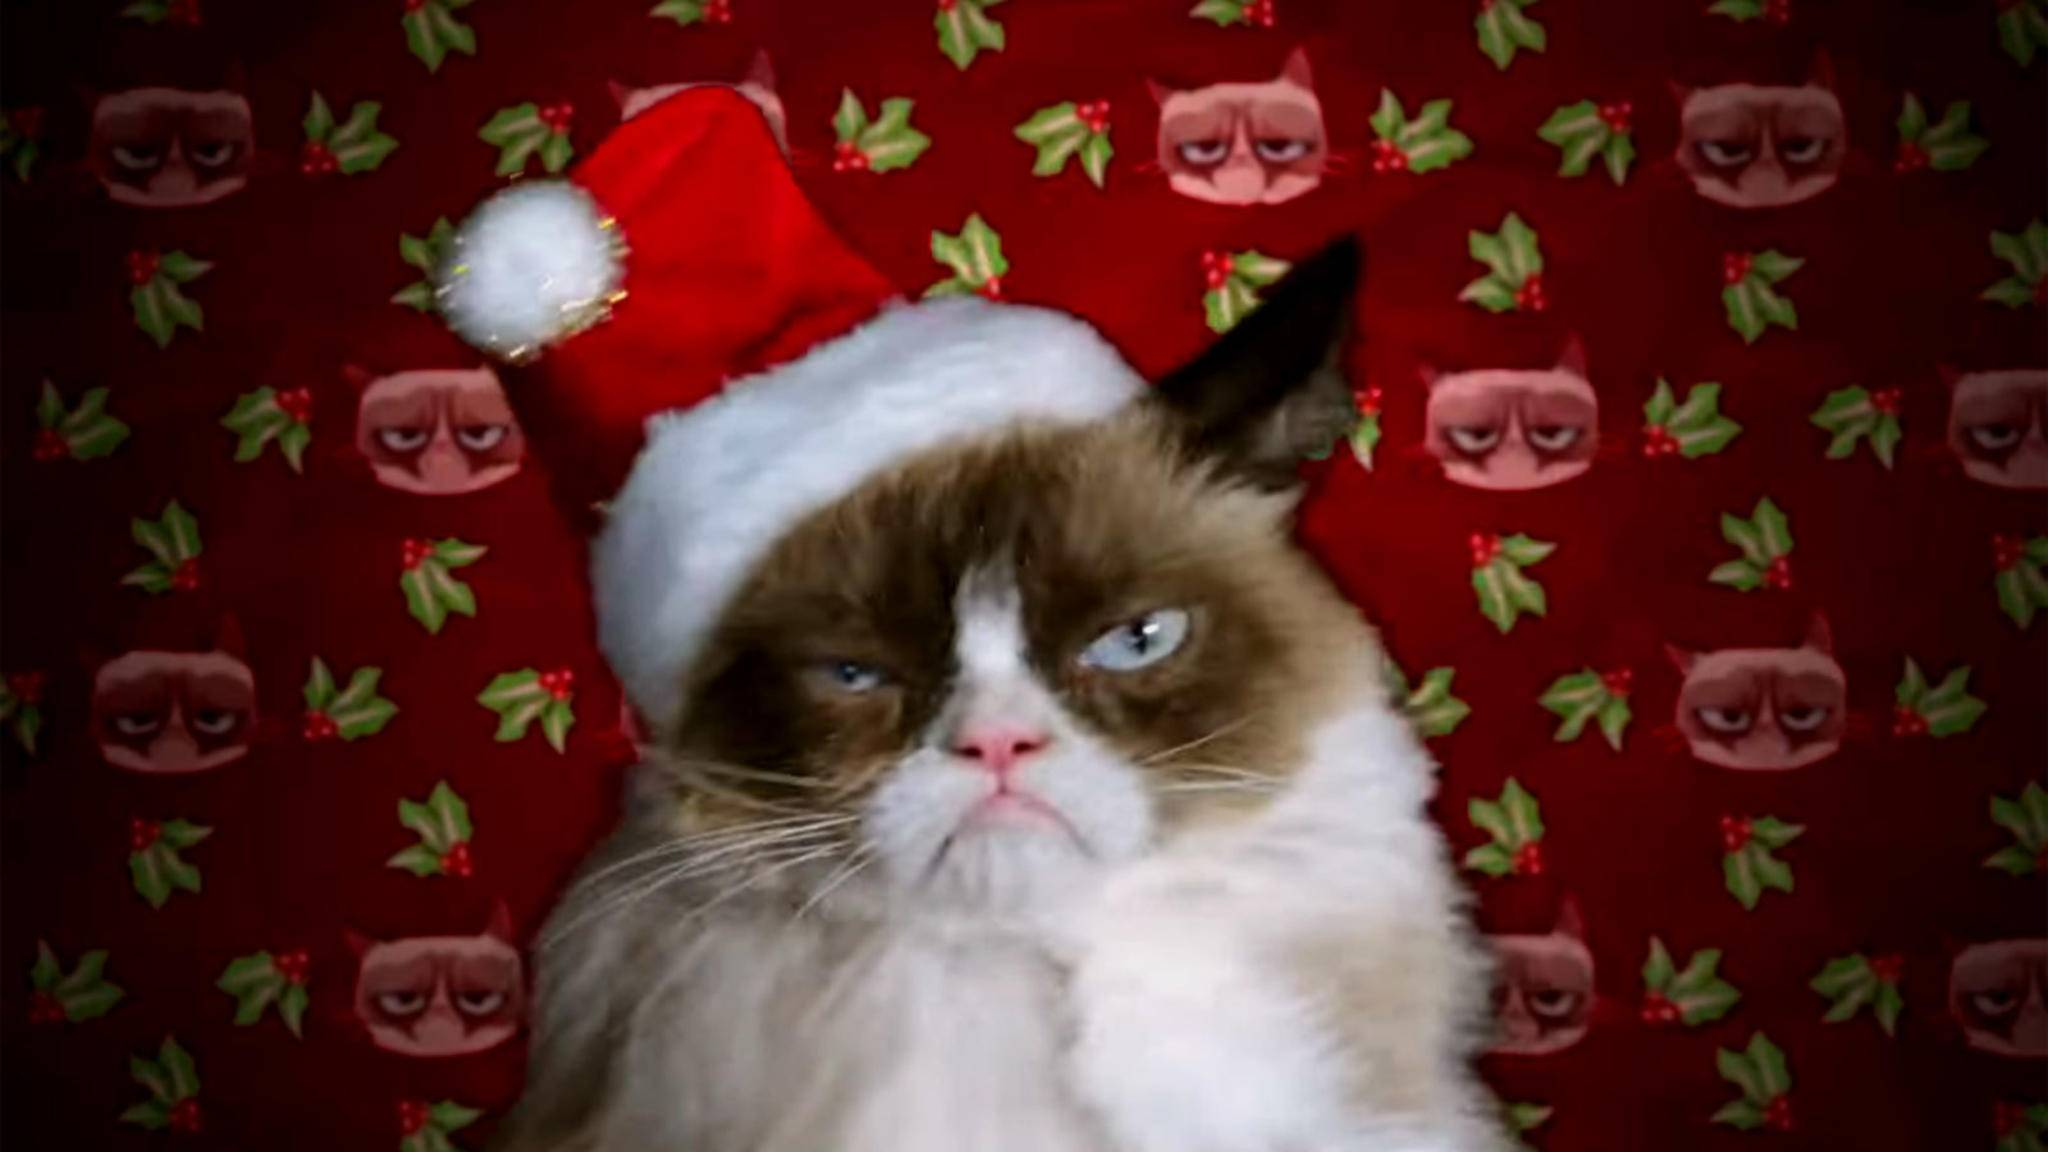 Der einzige Gesichtsausdruck von Grumpy Cat ist zugleich auch die adäquate Reaktion auf den Weihnachtsfilm, in dem das Fellknäuel die Hauptrolle spielt.